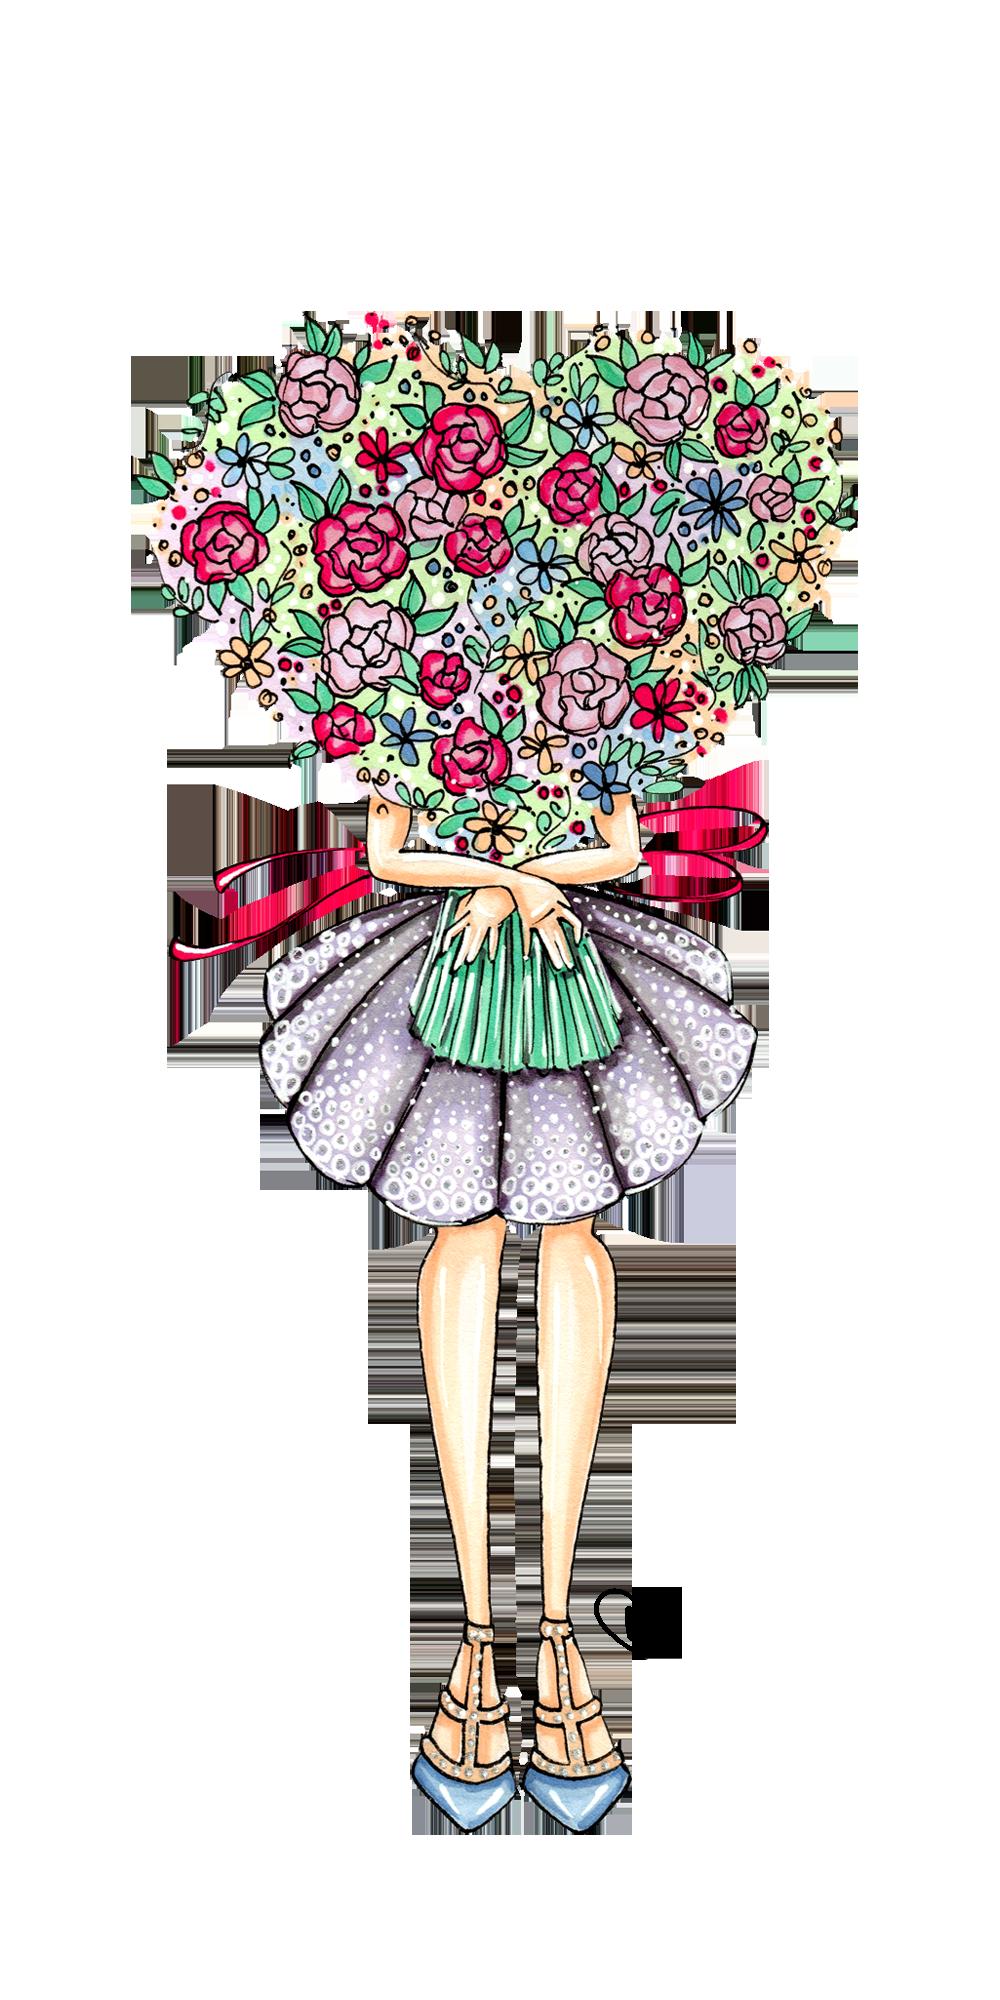 Flower Girl Casetify Iphone Art Design Illustration Cool Wallpaper Floral Live Wallpaper Iphone Cute Wallpapers Love Illustration